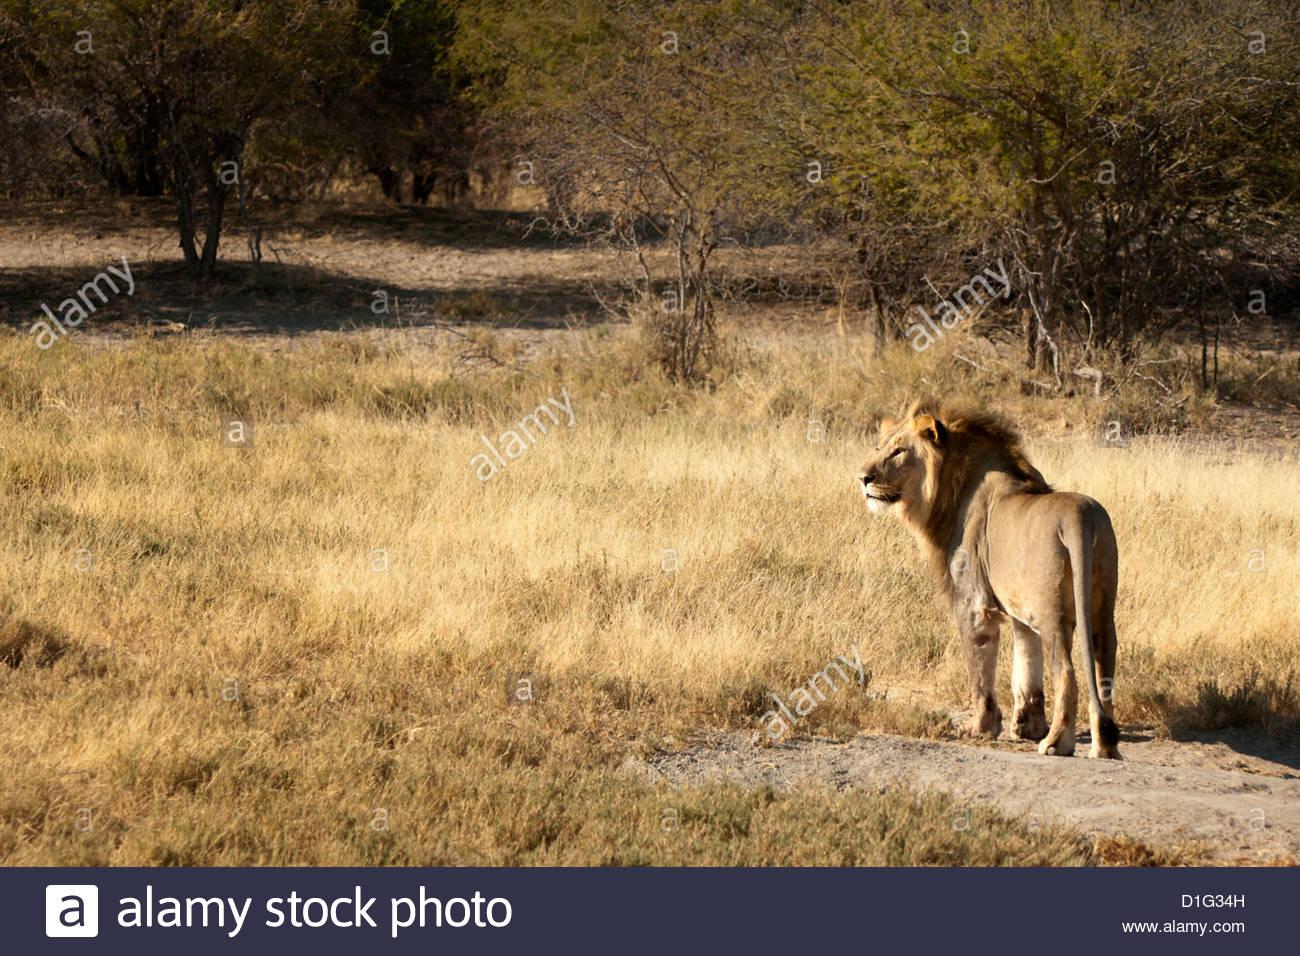 Lion (panthera leo), Namibia, Africa - Stock Image